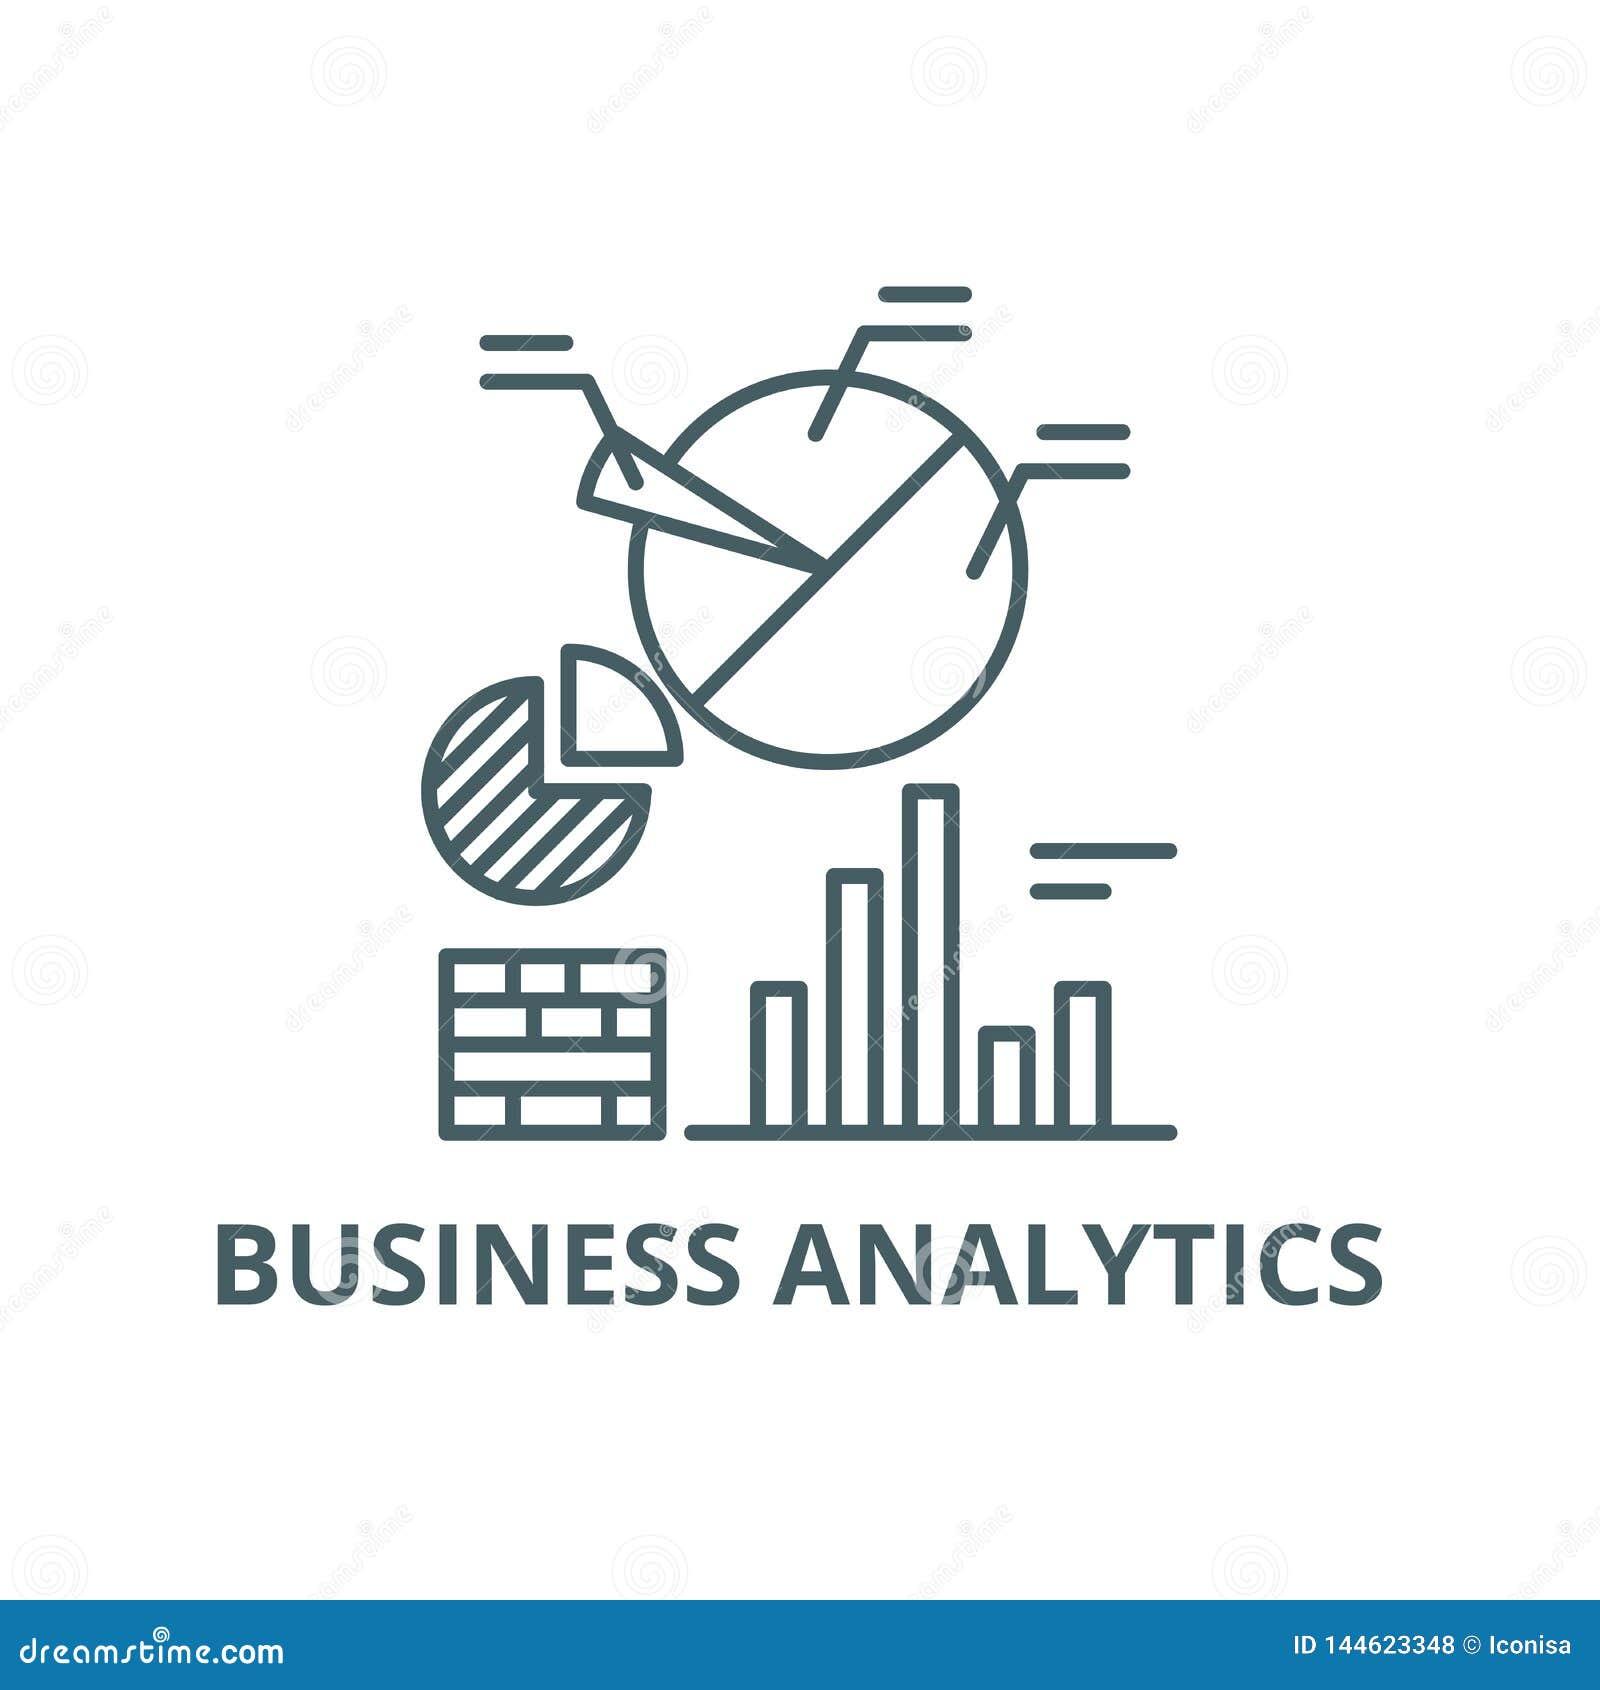 Biznesowe analityka kreskowa ikona, wektor Biznesowy analityka konturu znak, pojęcie symbol, płaska ilustracja